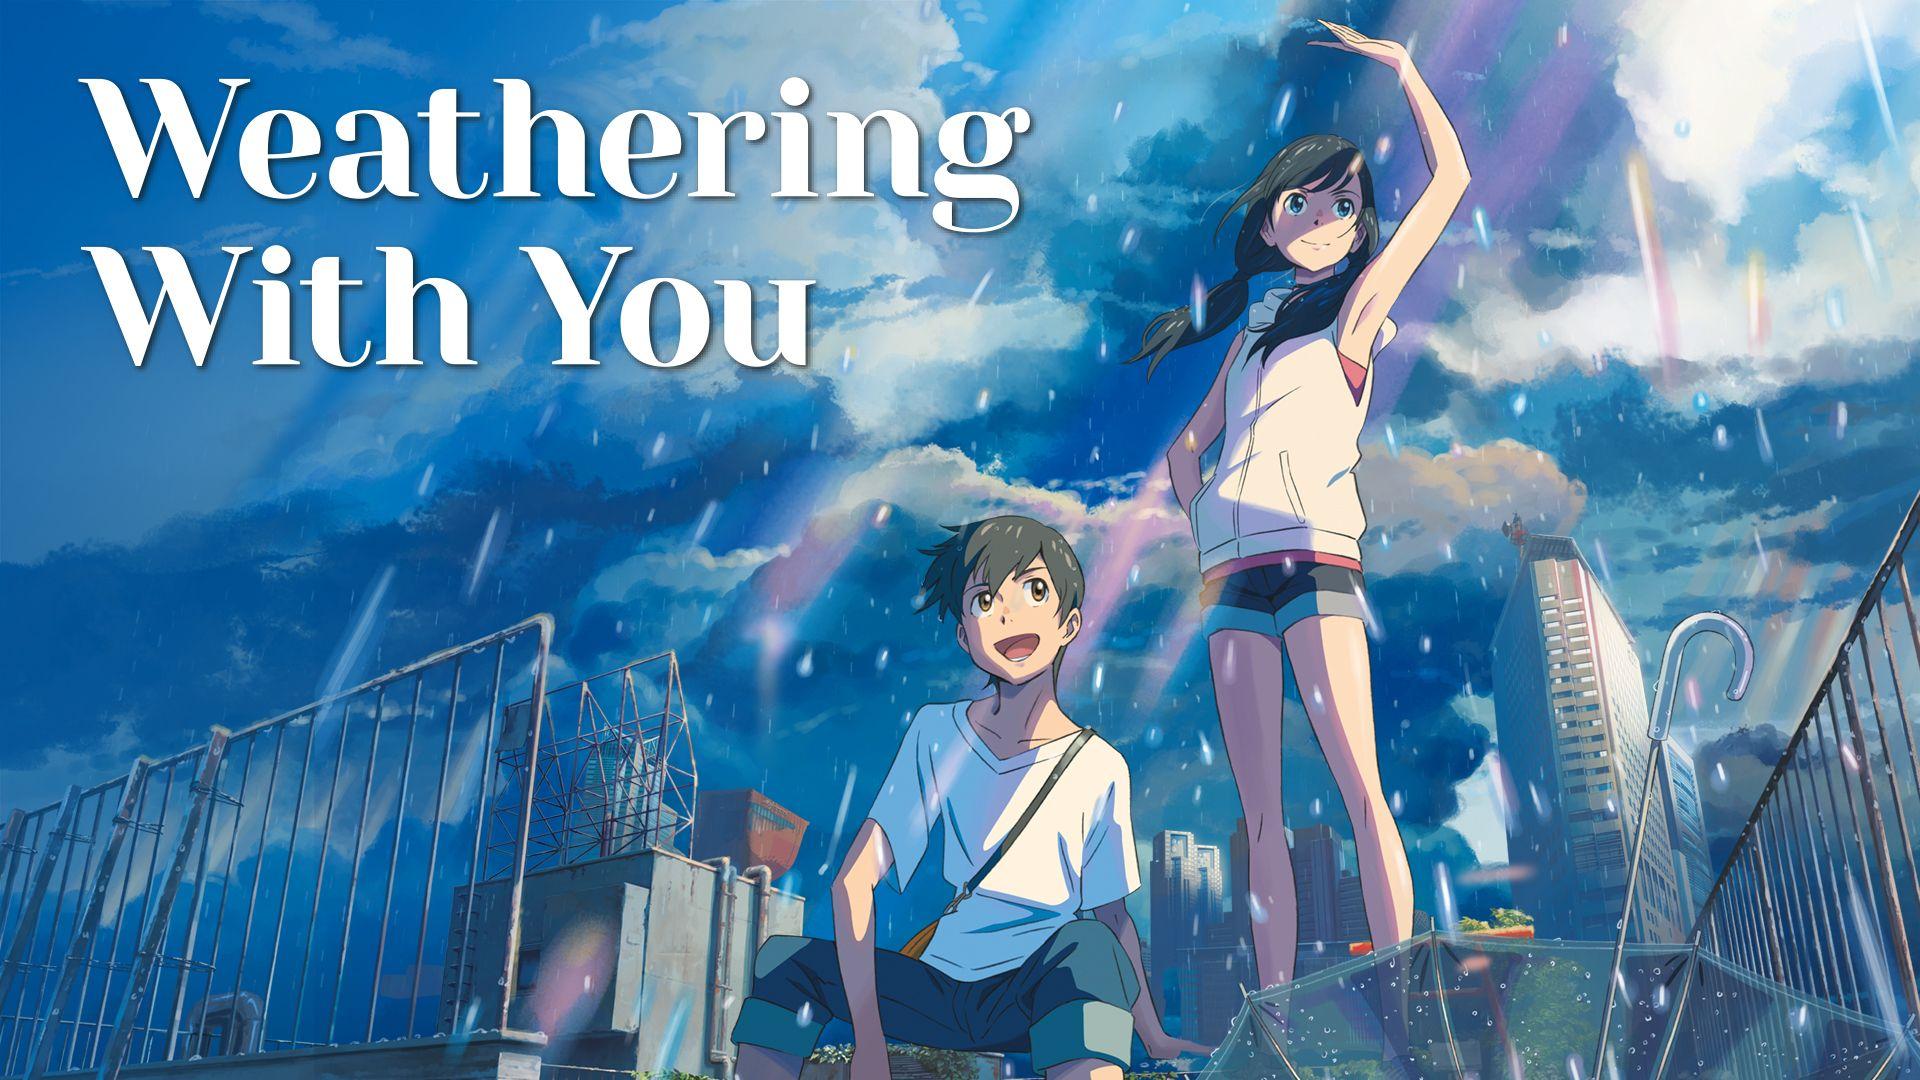 Weathering With You - Das Mädchen, das die Sonne berührte [dt./OV]